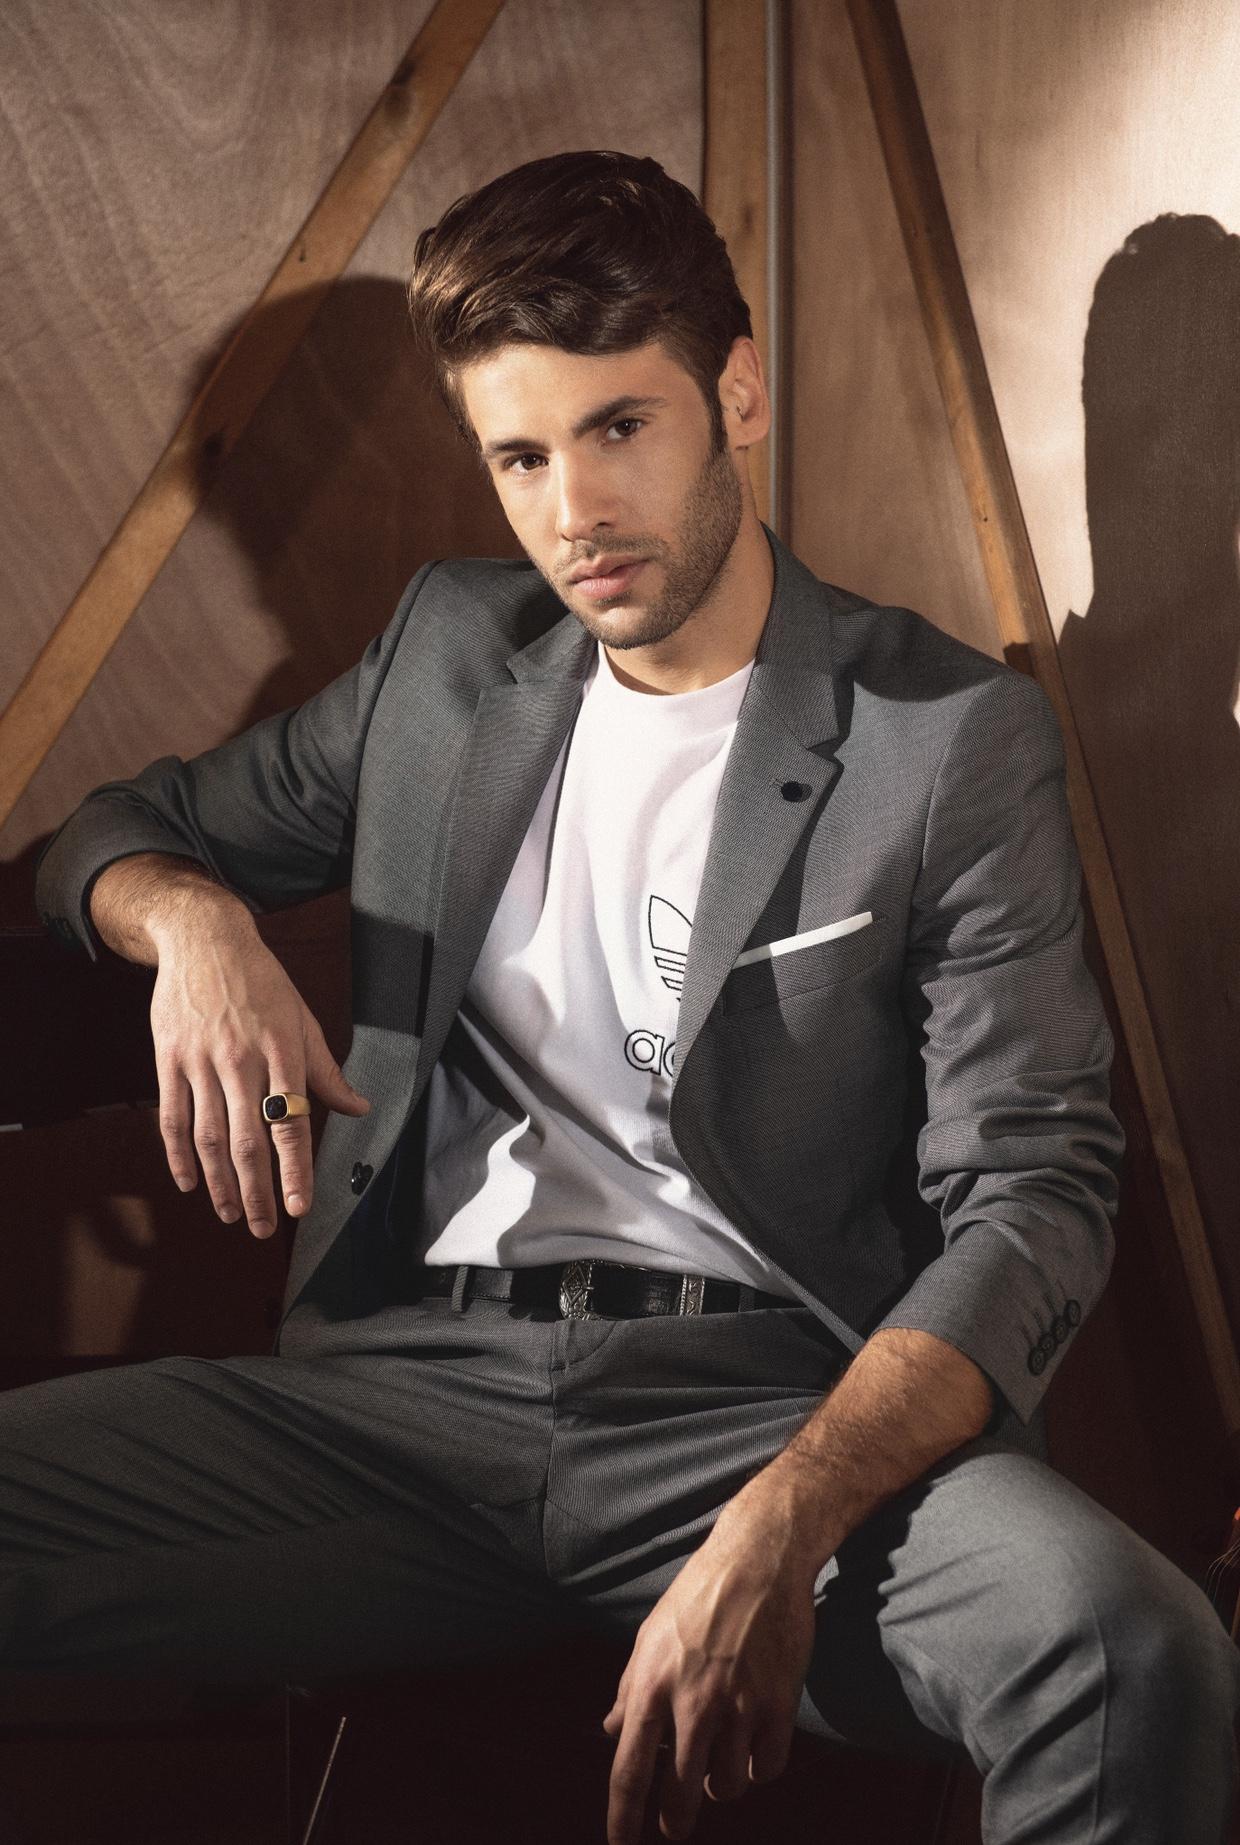 חליפה - Zara, טי שרט - Adidas, מגפיים - Pull and bear, חגורה - H&M, תכשיטים - AIN KER